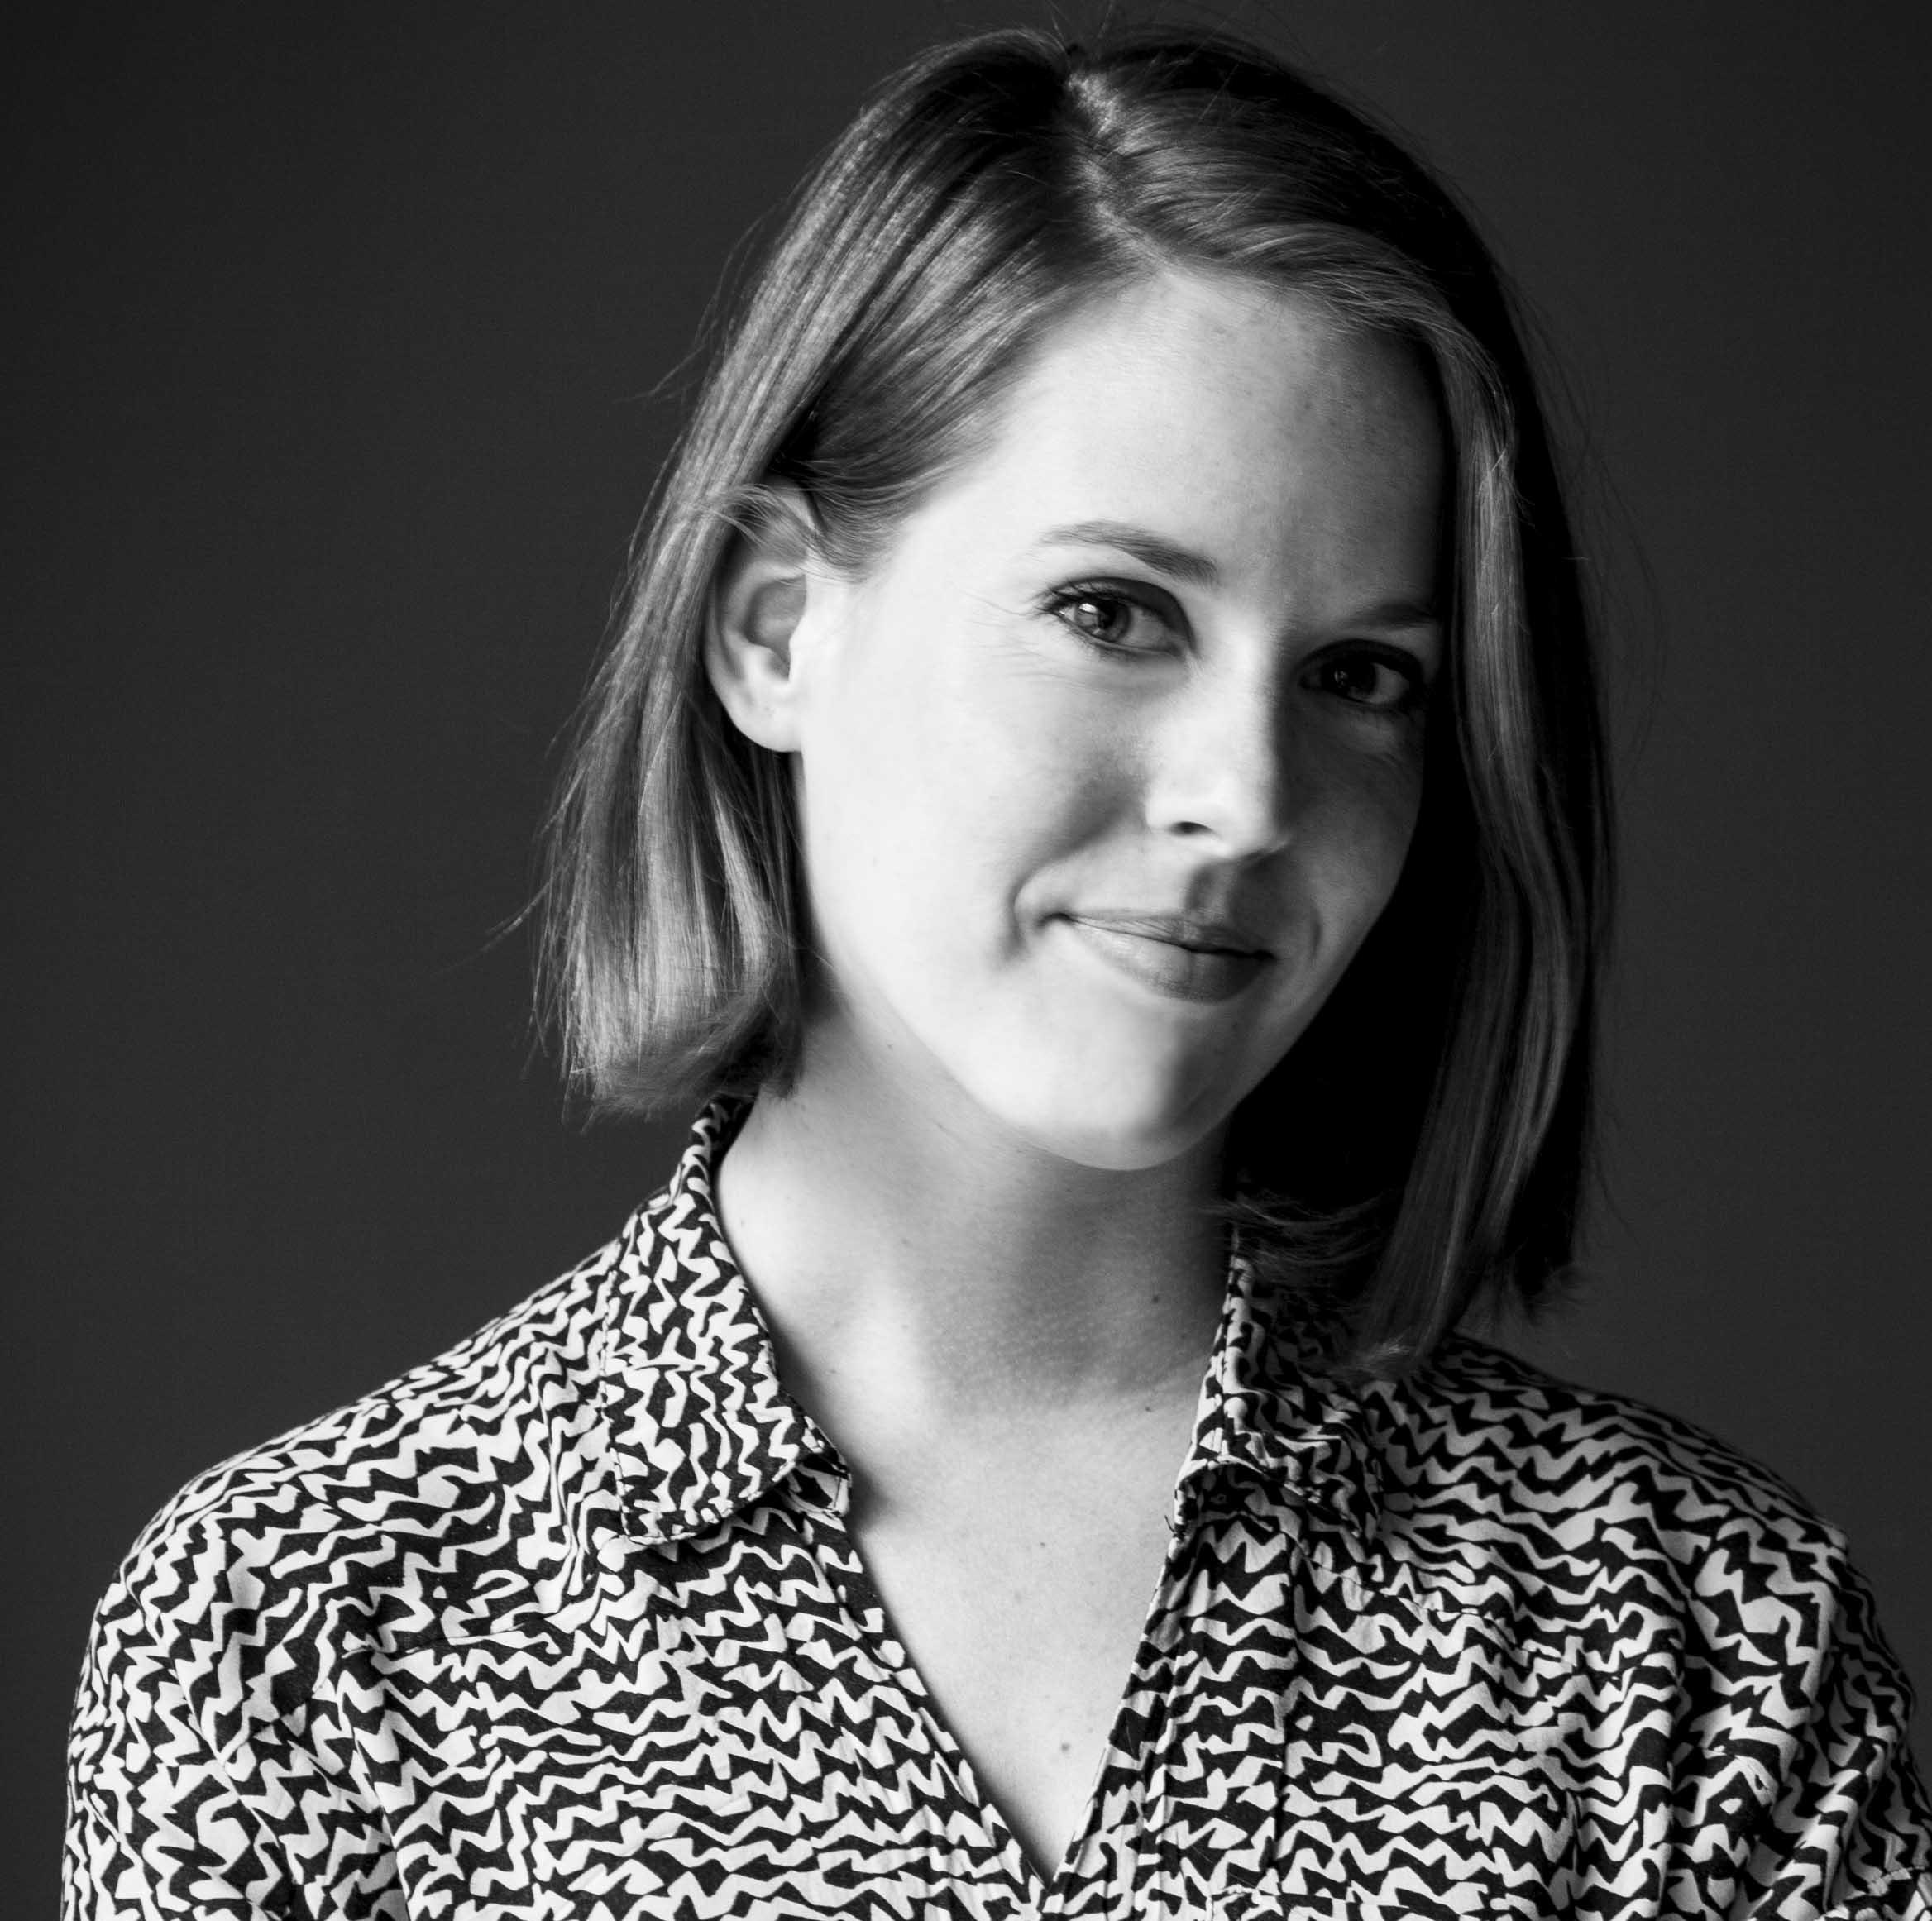 """Over Studio Buijs,        Studio Buijs werkt voor   particuliere en zakelijke opdrachtgevers.        In 2014 heb ik, Melanie Buijs, na ruim twaalf jaar werkervaring deze studio opgezet.     Studio Buijs onderscheidt zich door de persoonlijke betrokkenheid van mij naar de opdrachtgever en van mij naar de uitvoerende partijen. Elk project is uniek en vraagt daarom om een specifieke aanpak. De inbreng van de opdrachtgever en goede communicatie zijn hierbij belangrijk voor het tot stand brengen van een goed ontwerp. Naar wens neem ik de regie in handen, zowel op creatief, technisch als organisatorisch niveau. Dit betekent dat een ontwerp onder mijn leiding naar daadwerkelijke uitvoering vertaald kan worden. Ik heb een netwerk opgebouwd met betrouwbare bedrijven die indien gewenst ingezet kunnen worden. Hiermee kan ik de opdrachtgevers ontzorgen.        """"ik heb mij ontwikkeld tot een creatieve, onderzoekende en autonome ontwerper.""""        De service van Studio Buijs is persoonlijk en professioneel. Hierdoor zal het altijd leiden tot een gewenst resultaat. De ruimtelijke condities van het pand (die bepalend zijn voor hoe wij onze leefomgeving ervaren) nemen wij mee in het ontwerp. Studio Buijs heeft een onderzoekende werkhouding ontwikkeld, waardoor de studio op een open manier kijk naar het pand, de omgeving en de toekomstige gebruikers. Hiermee komt studio Buijs tot verrassende maar zeker ook praktische ideeën , die eventueel tot bouwkundige ingrepen leiden. Zulke ideeën worden omgezet in een sterk concept, welke wordt uitgewerkt tot in de kleinste details, van materiaalgebruik tot op maat gemaakt meubilair.     Melanie Buijs (Studio Buijs) ontwerpt voor kantoren, scholen, openbare ruimtes, theaters en woonhuizen. Voor de particuliere markt werk ik ook aan ontwerpen voor badkamers, keukens, en maatwerk meubilair, daarnaast geef ik graag kleuradvies. Een ander onderdeel van Studio Buijs is Luka een meubellijn ontworpen door Melanie Buijs en Rik Simons, Rik Simons maakt d"""